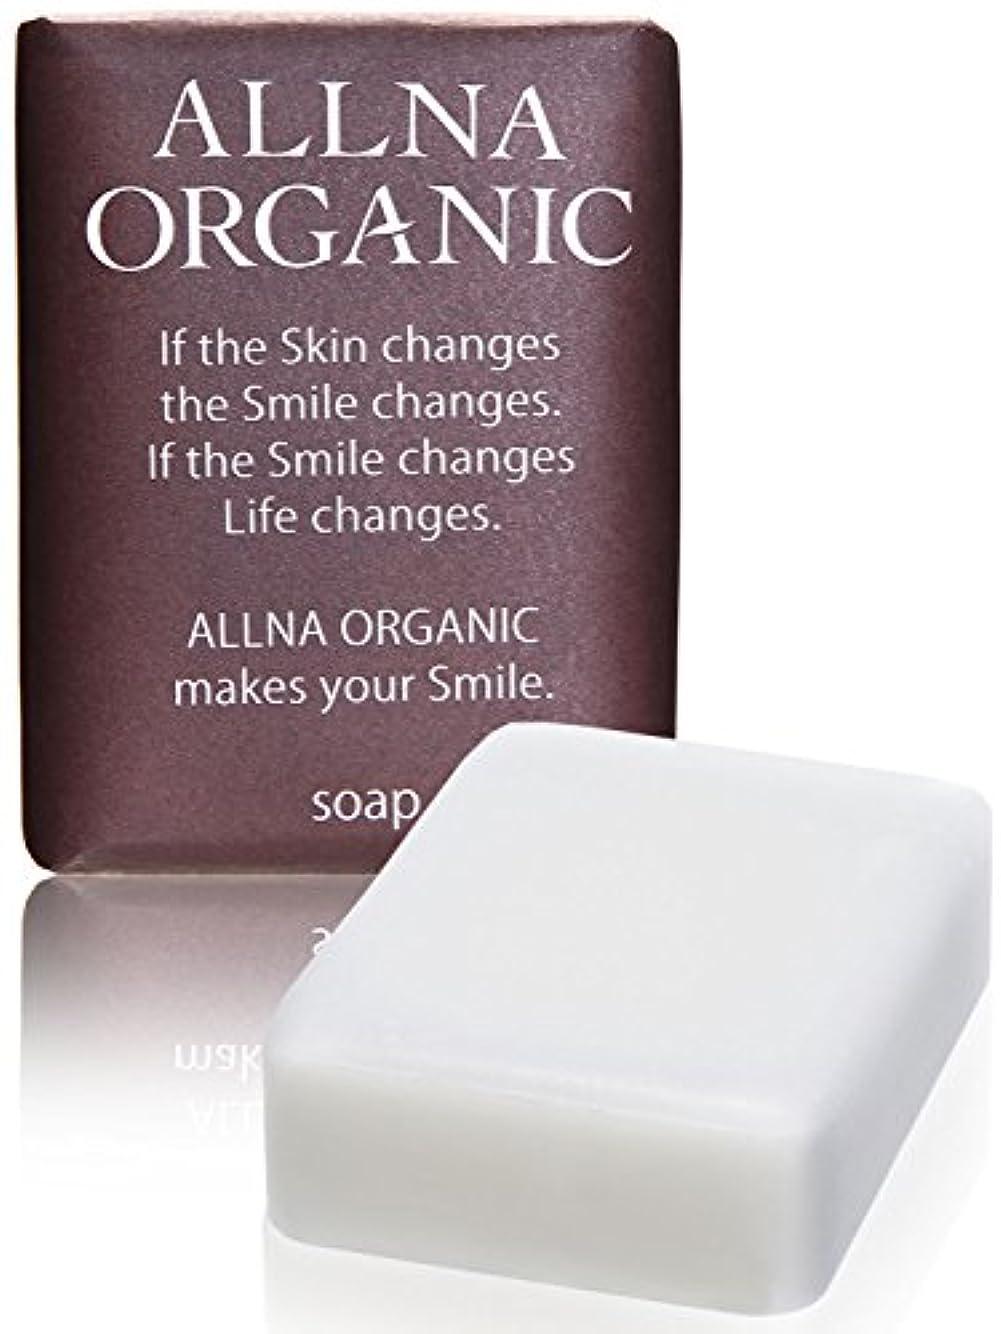 半導体敷居一般的なオルナ オーガニック 石鹸 「 無添加 敏感 肌用 毛穴 対策 洗顔石鹸 」「 コラーゲン 3種 + ヒアルロン酸 4種 + ビタミンC 4種 + セラミド 配合」 保湿 固形 洗顔 せっけん バスサイズ 100g